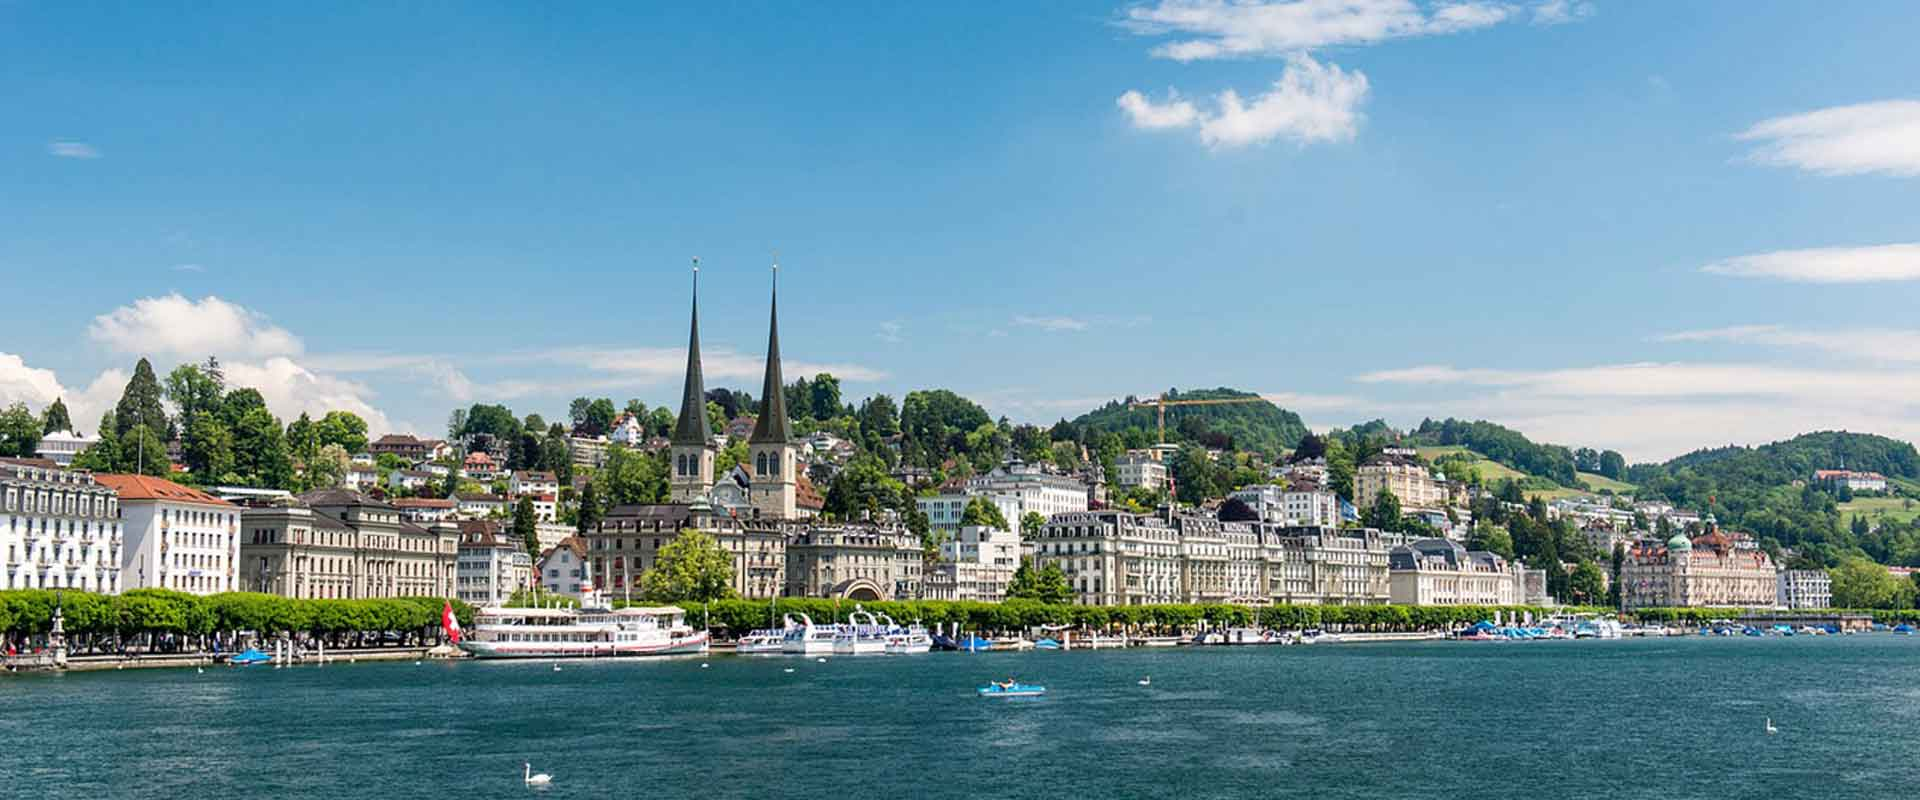 @ Office de Tourisme de Lucerne